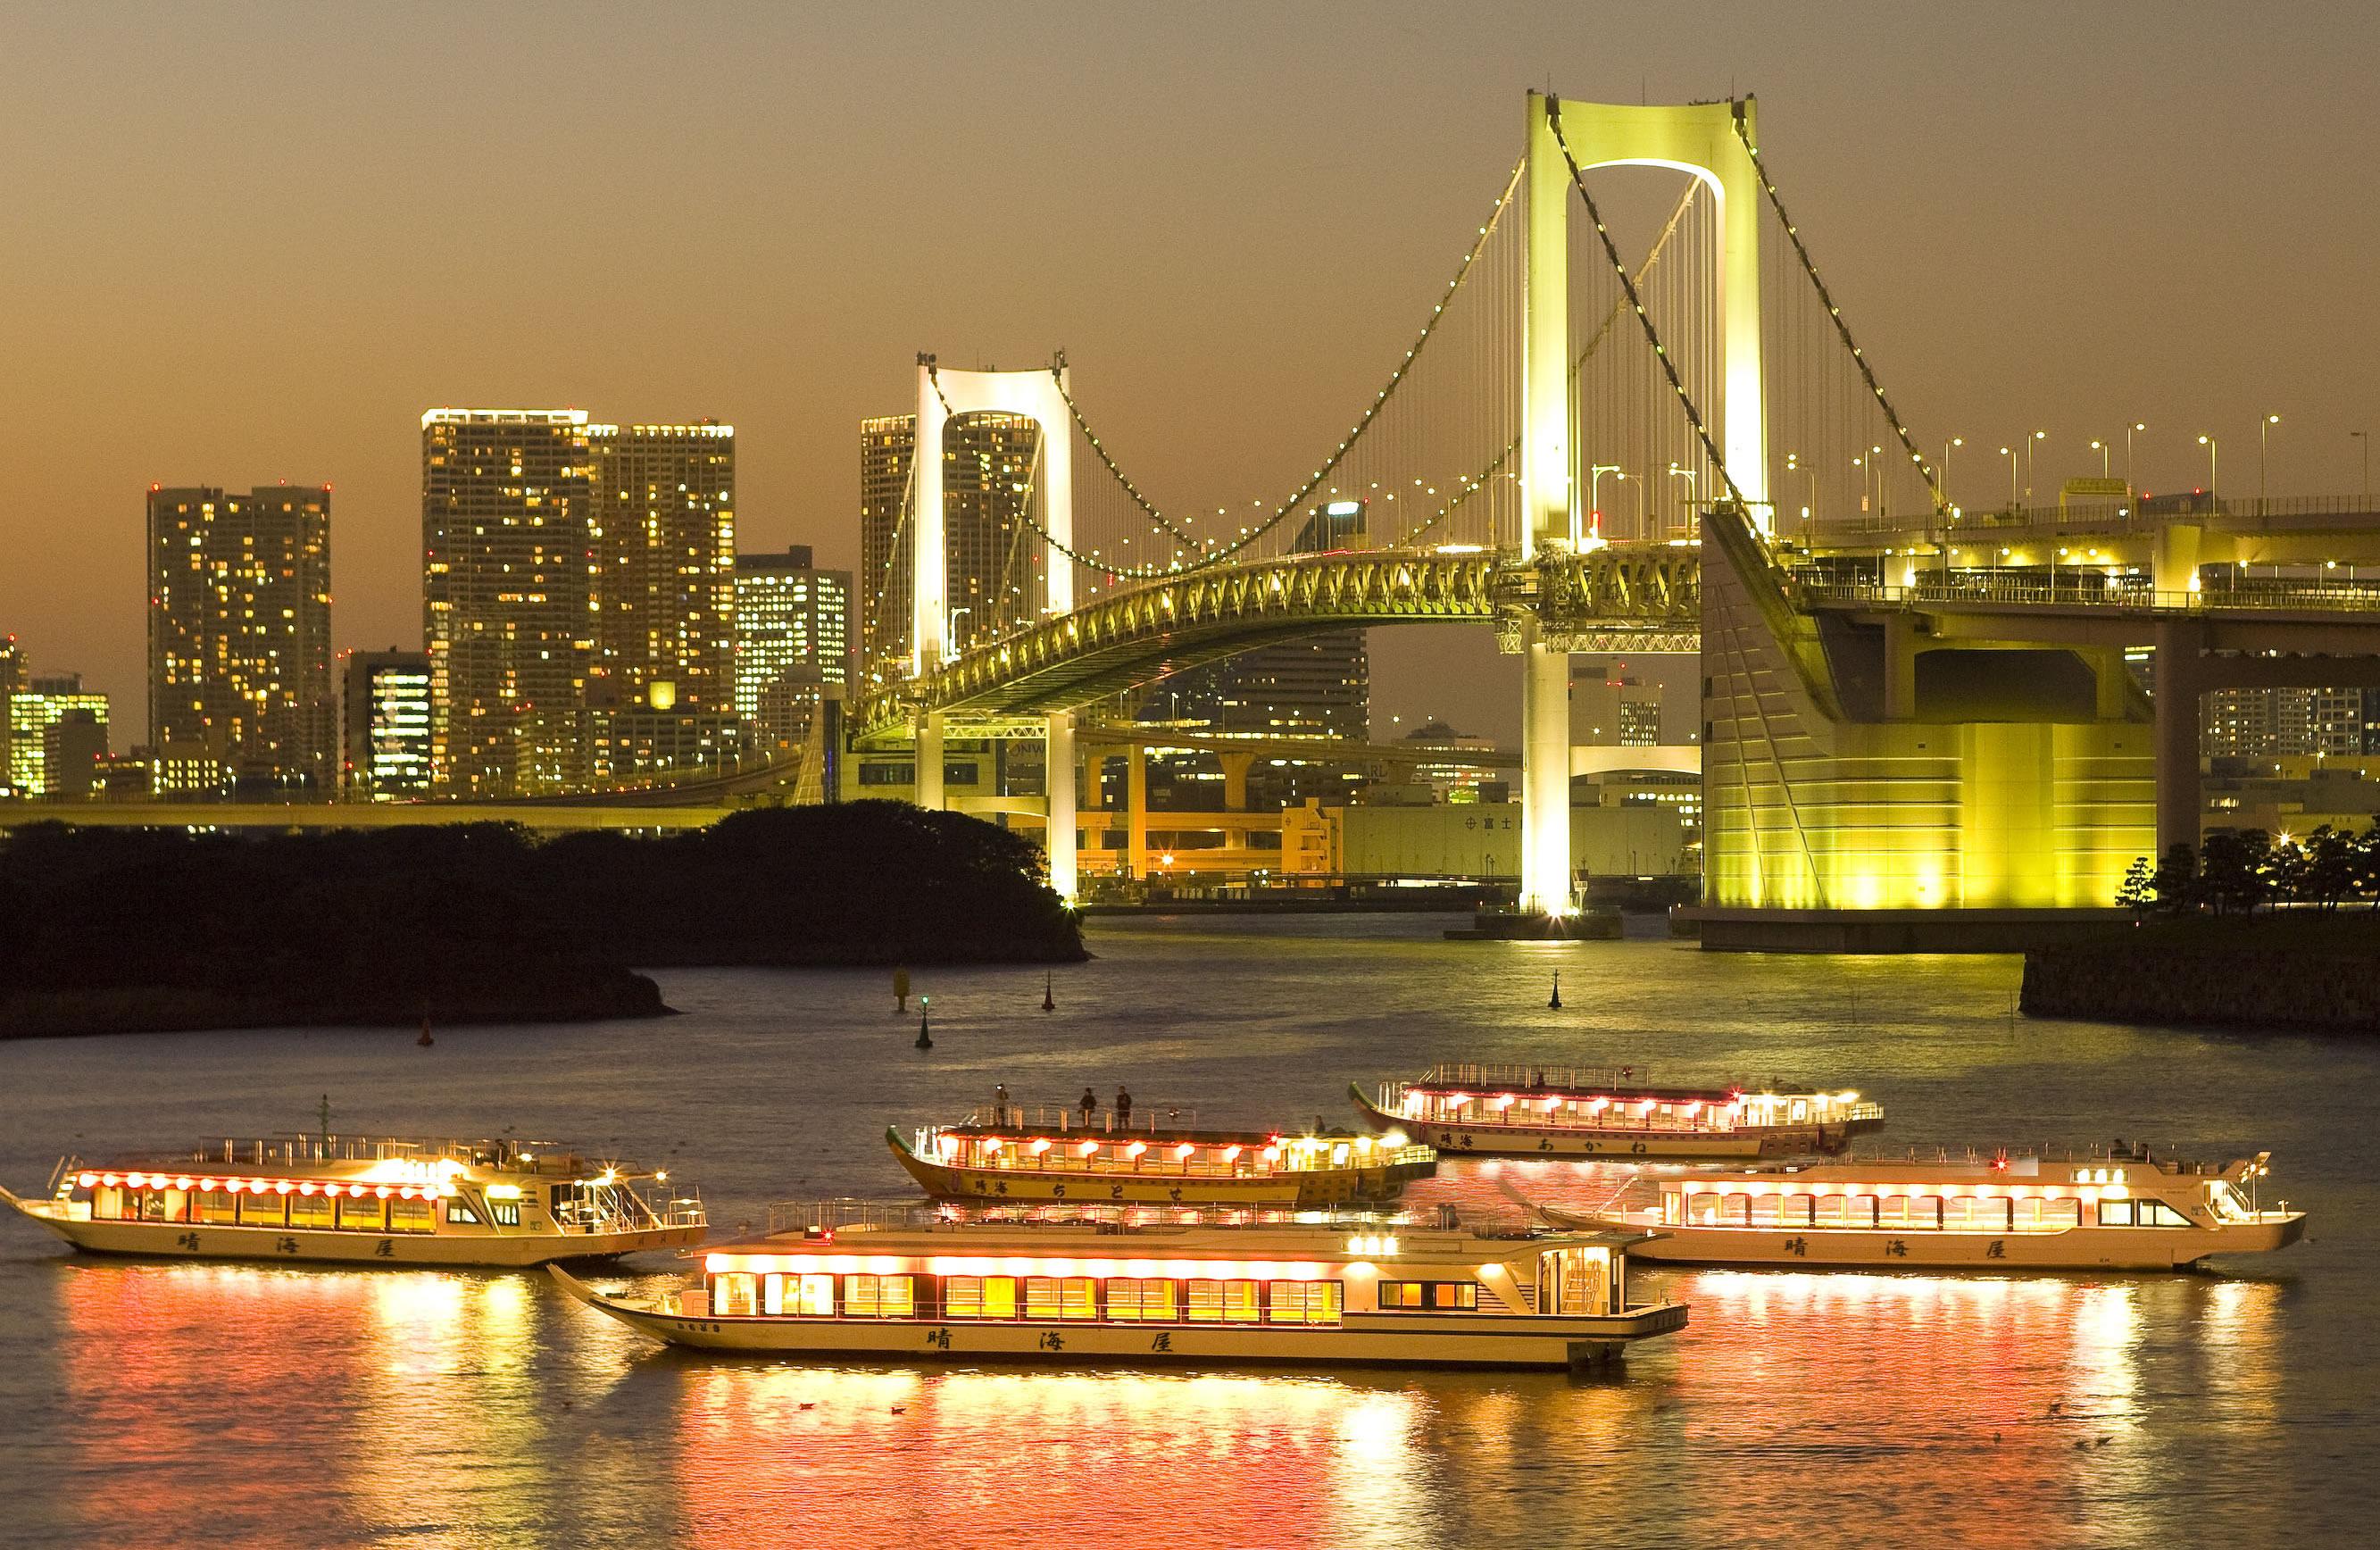 *台場、隅田川、晴空塔周遊!* 共乘屋形船 周末假日方案